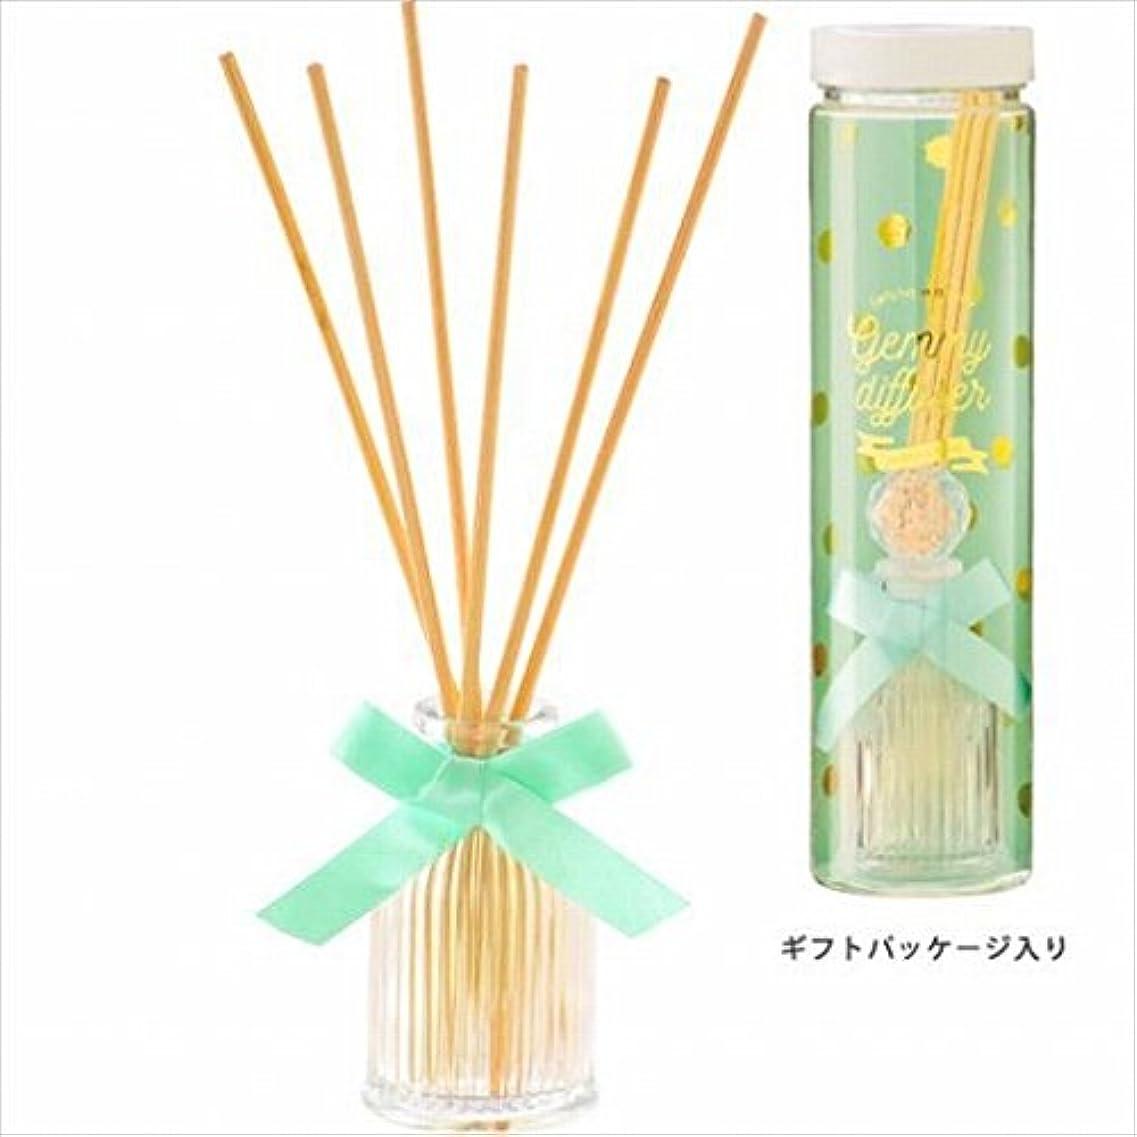 ペンダント土曜日議論するkameyama candle(カメヤマキャンドル) GEMMY (ジェミー) ディフューザー 「 タイム 」6個セット(E3280510)